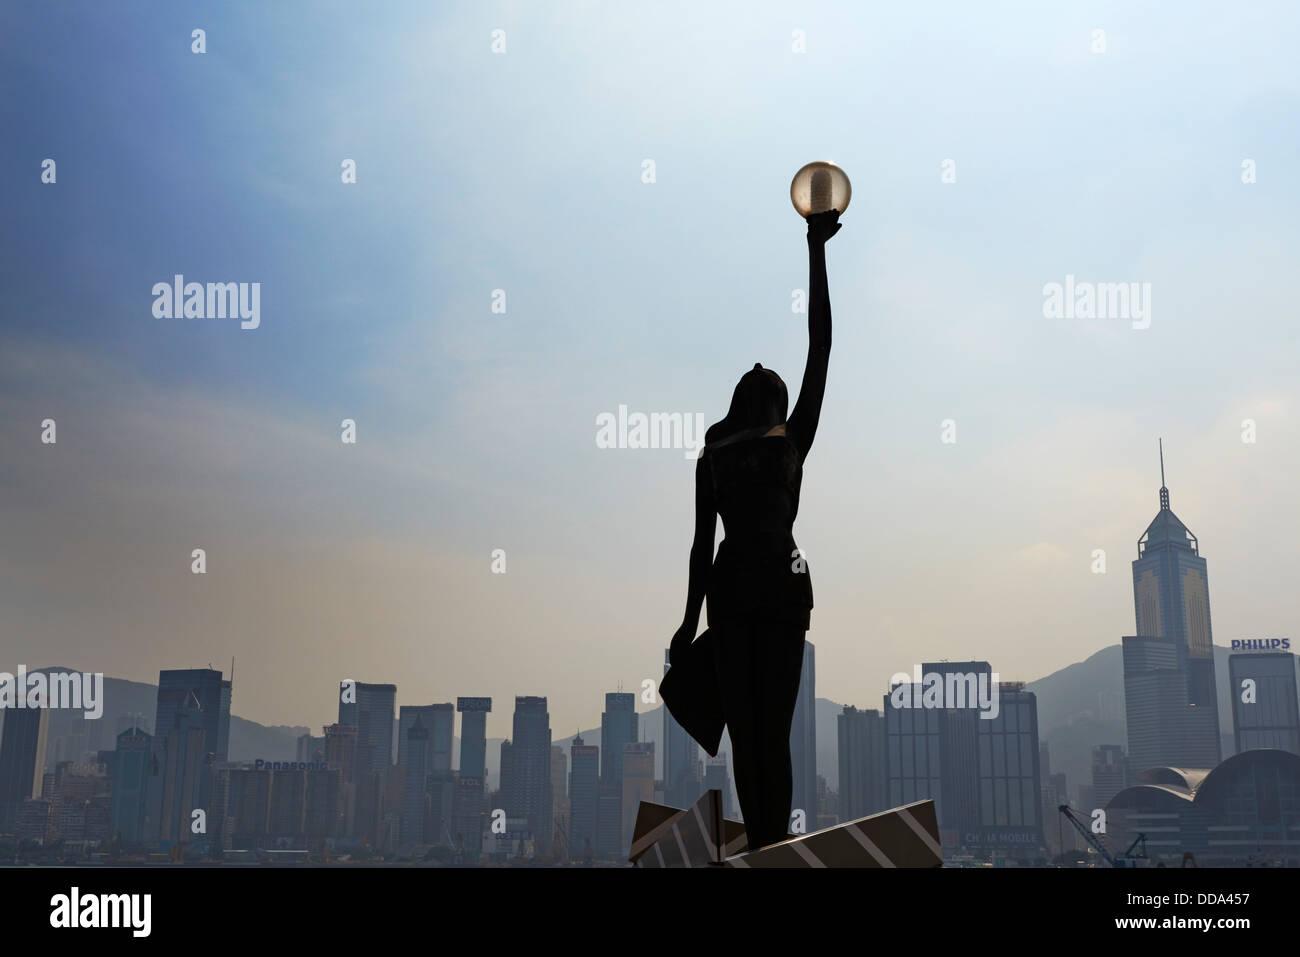 China, Hong Kong, Kowloon, Avenue of Stars - Stock Image